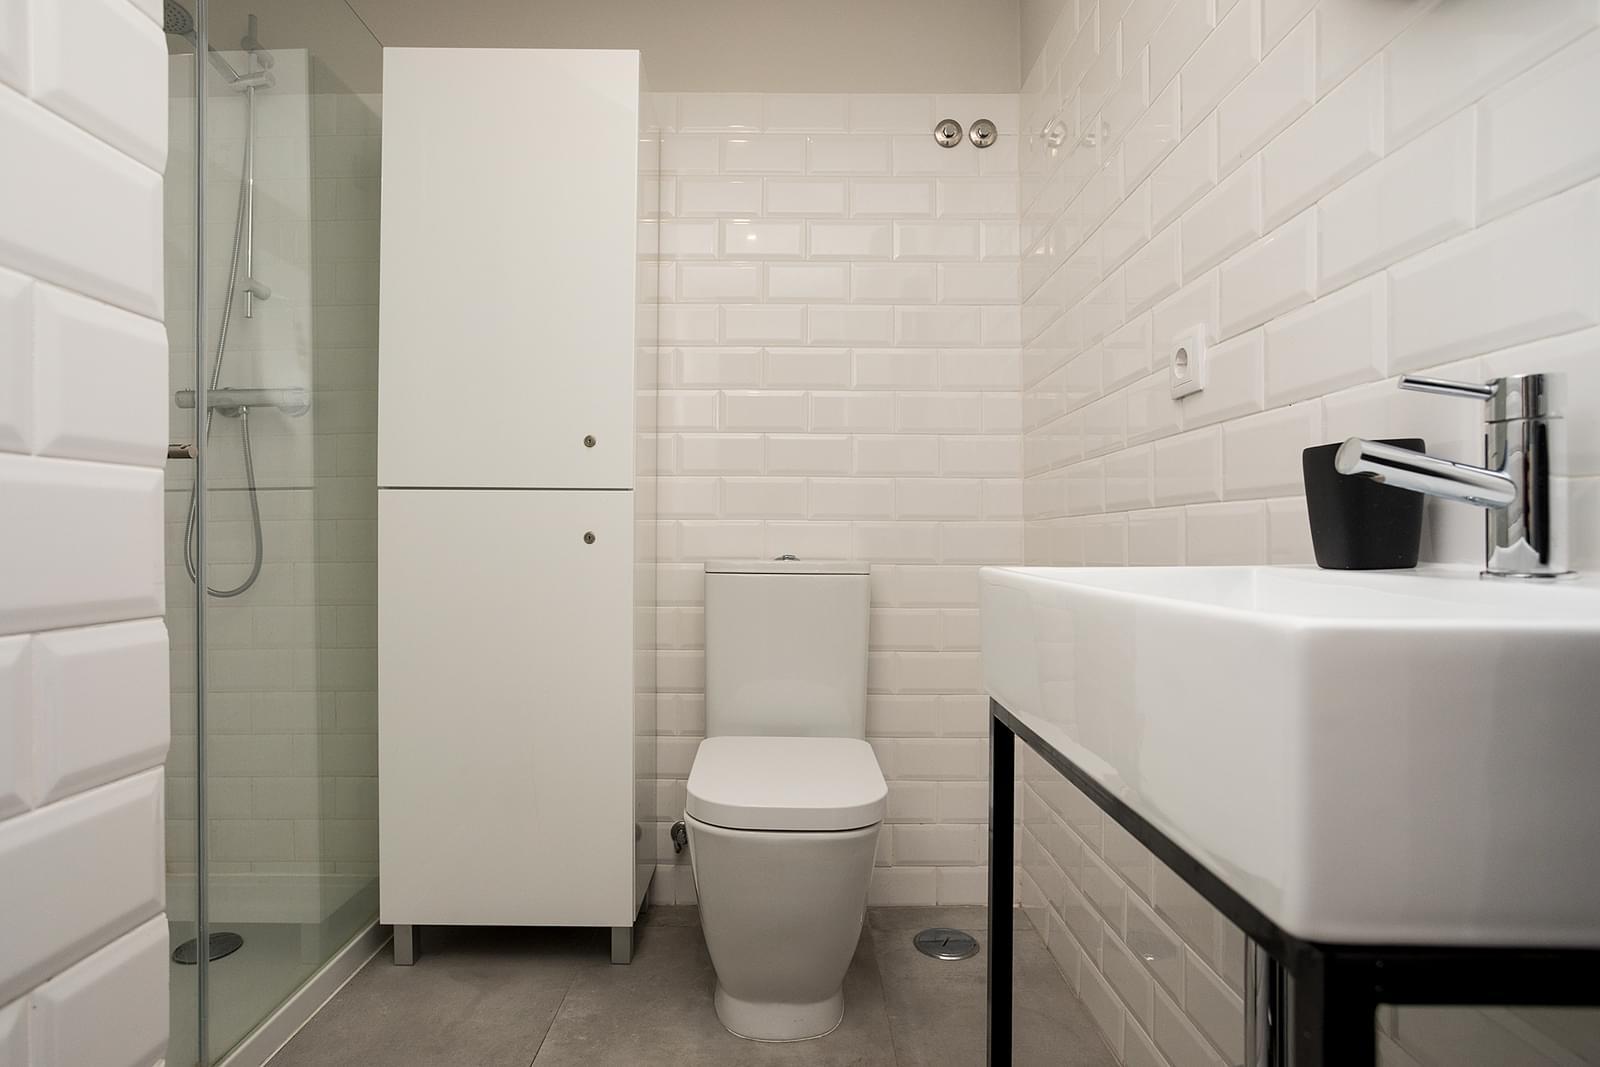 pf17463-apartamento-t3-lisboa-6e5e2d28-59d3-4c4c-8b4b-63faeec52465